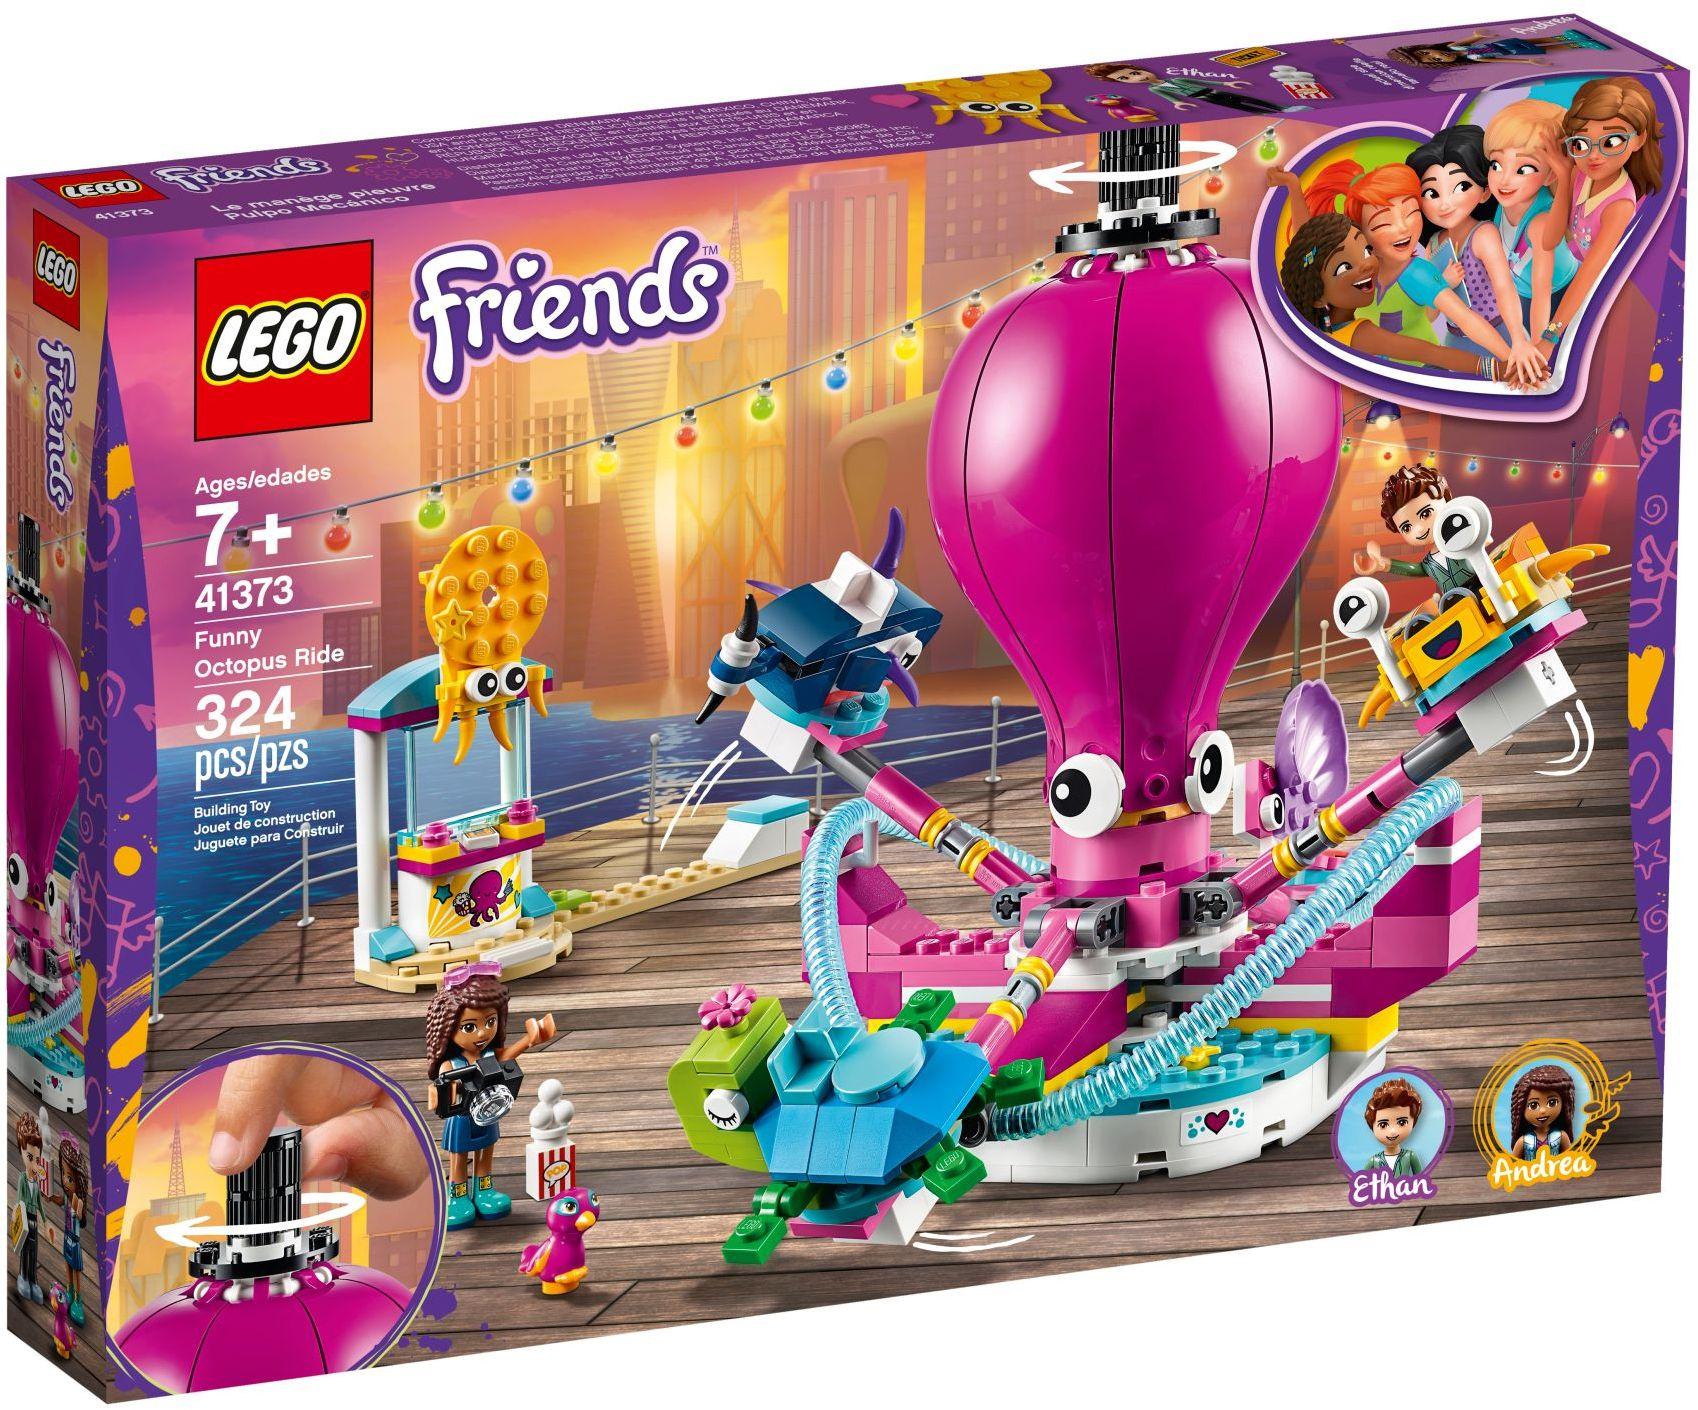 Funny Octopus Ride (41373)   LEGO Friends Wiki   Fandom